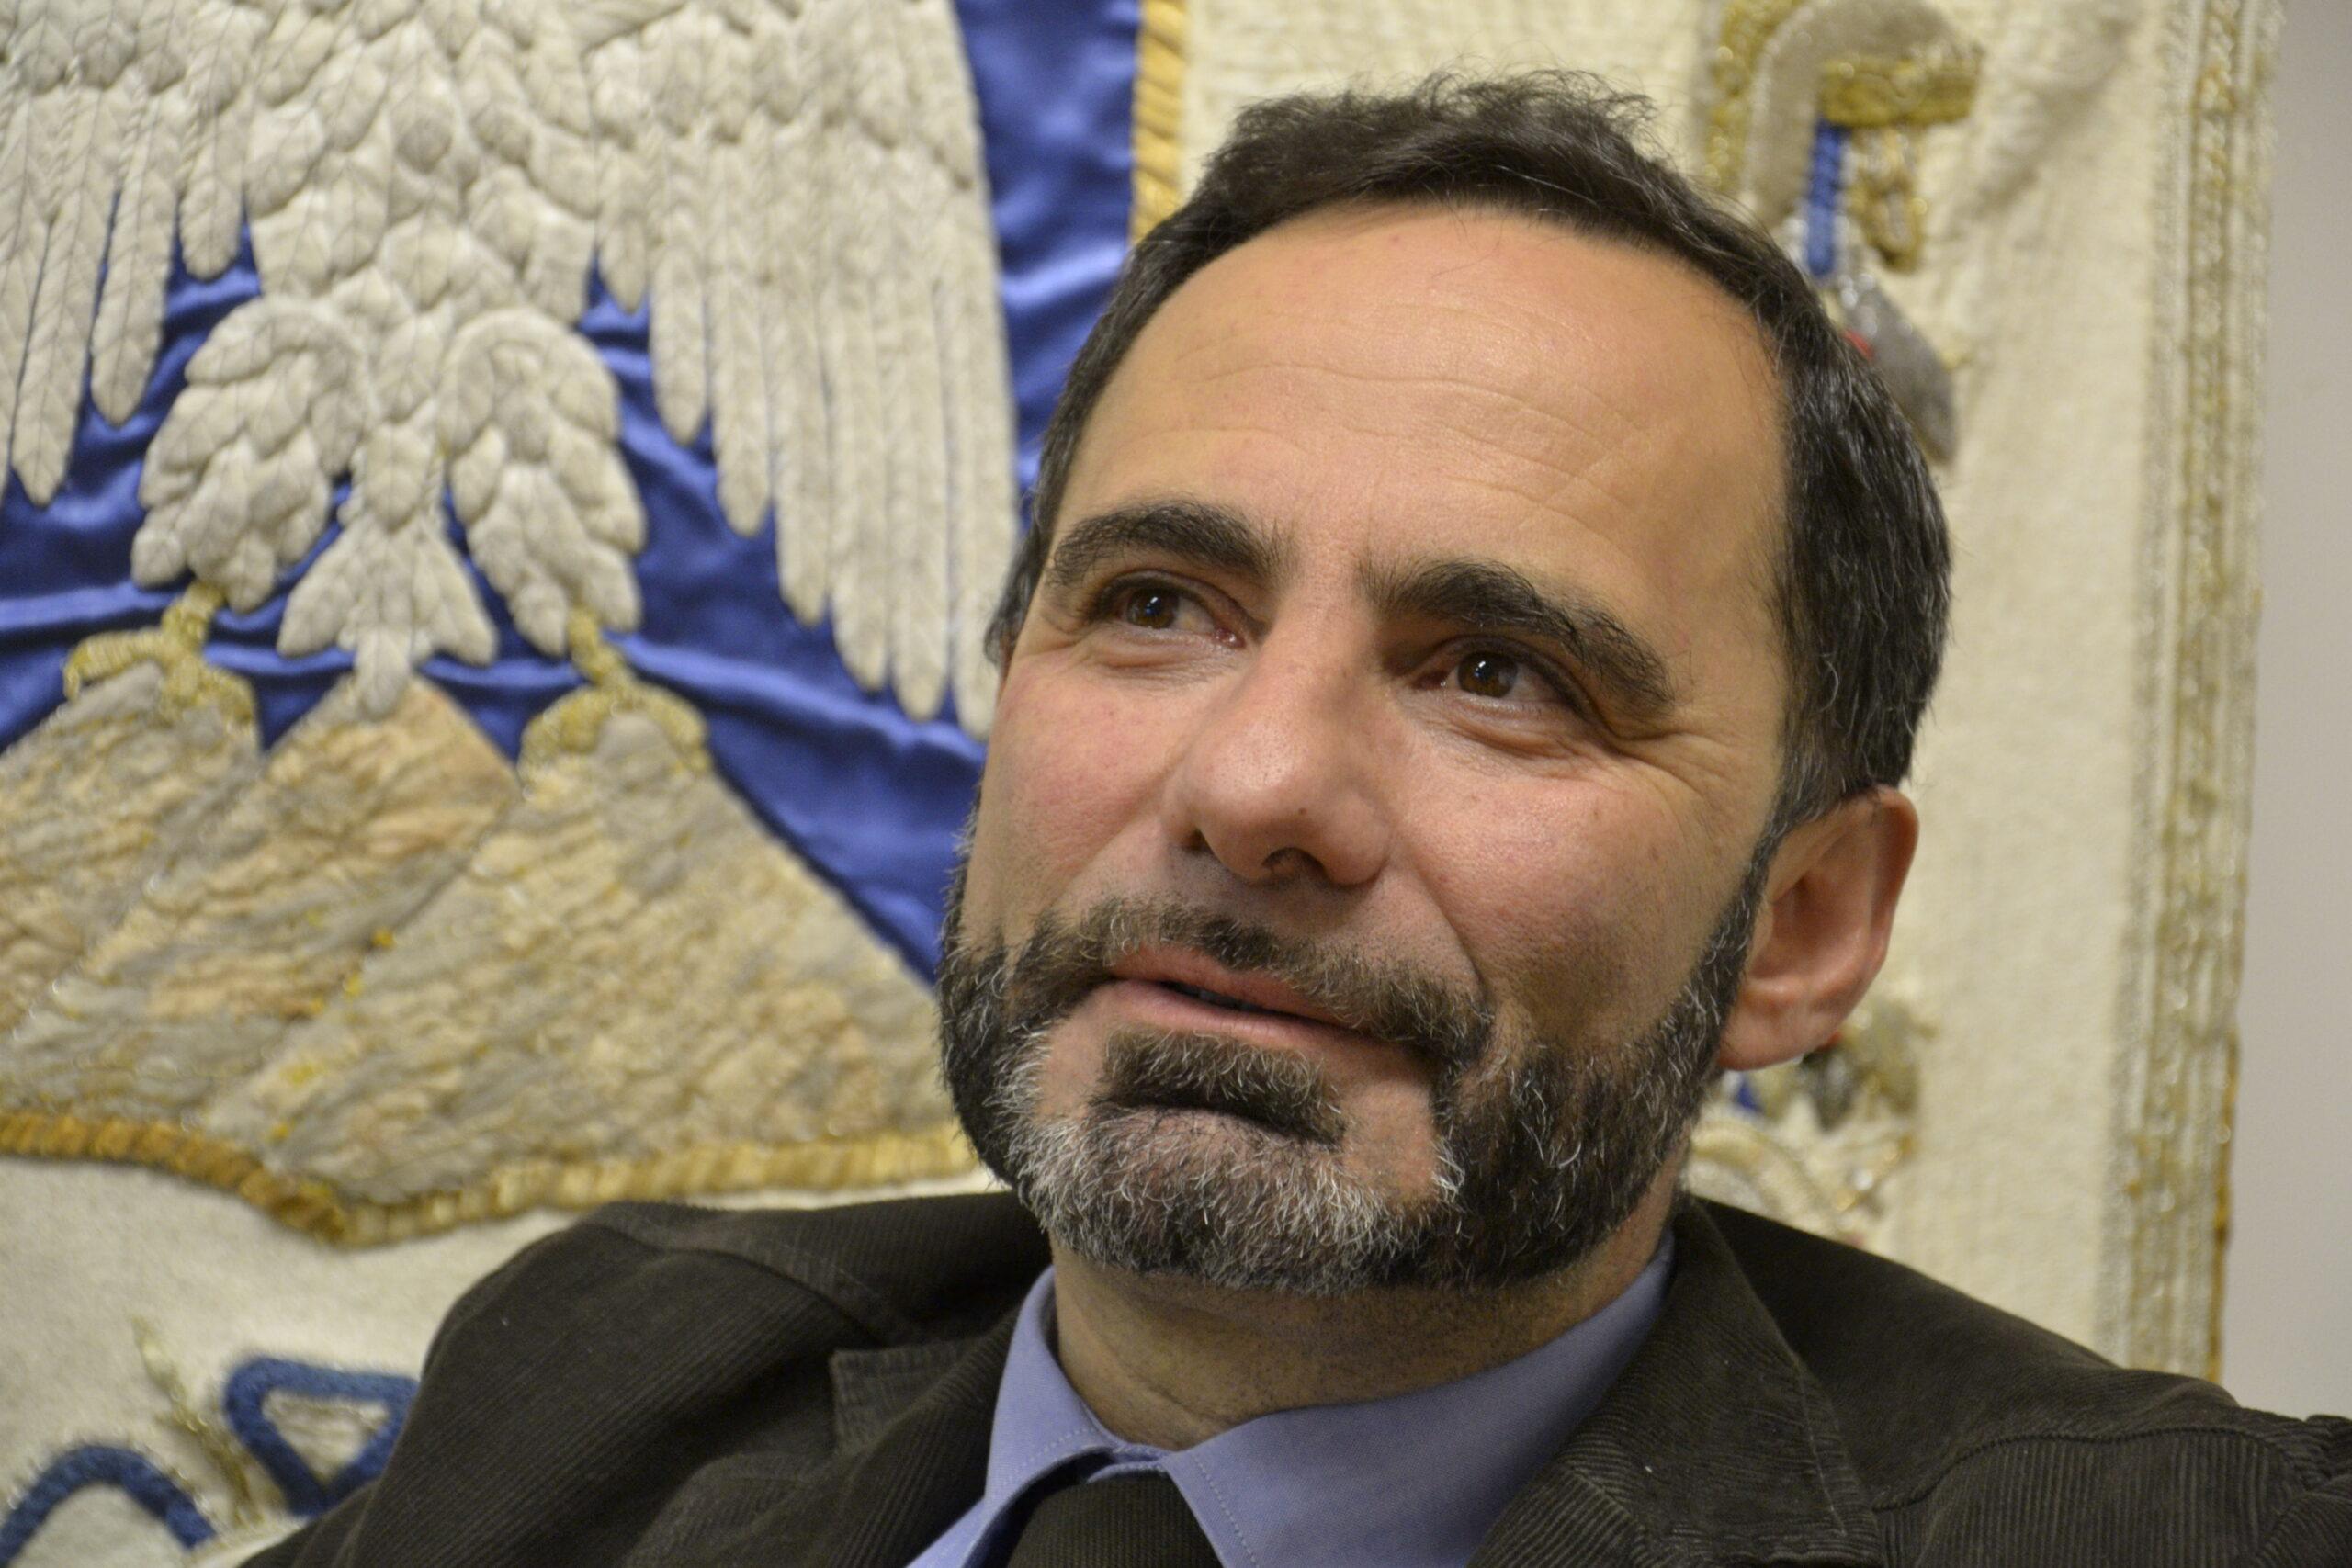 Il Consigliere Provinciale Alfonsi rappresenterà la Marsica e la Provincia di L'Aquila alla 7a edizione dell'evento Prima Le Idee